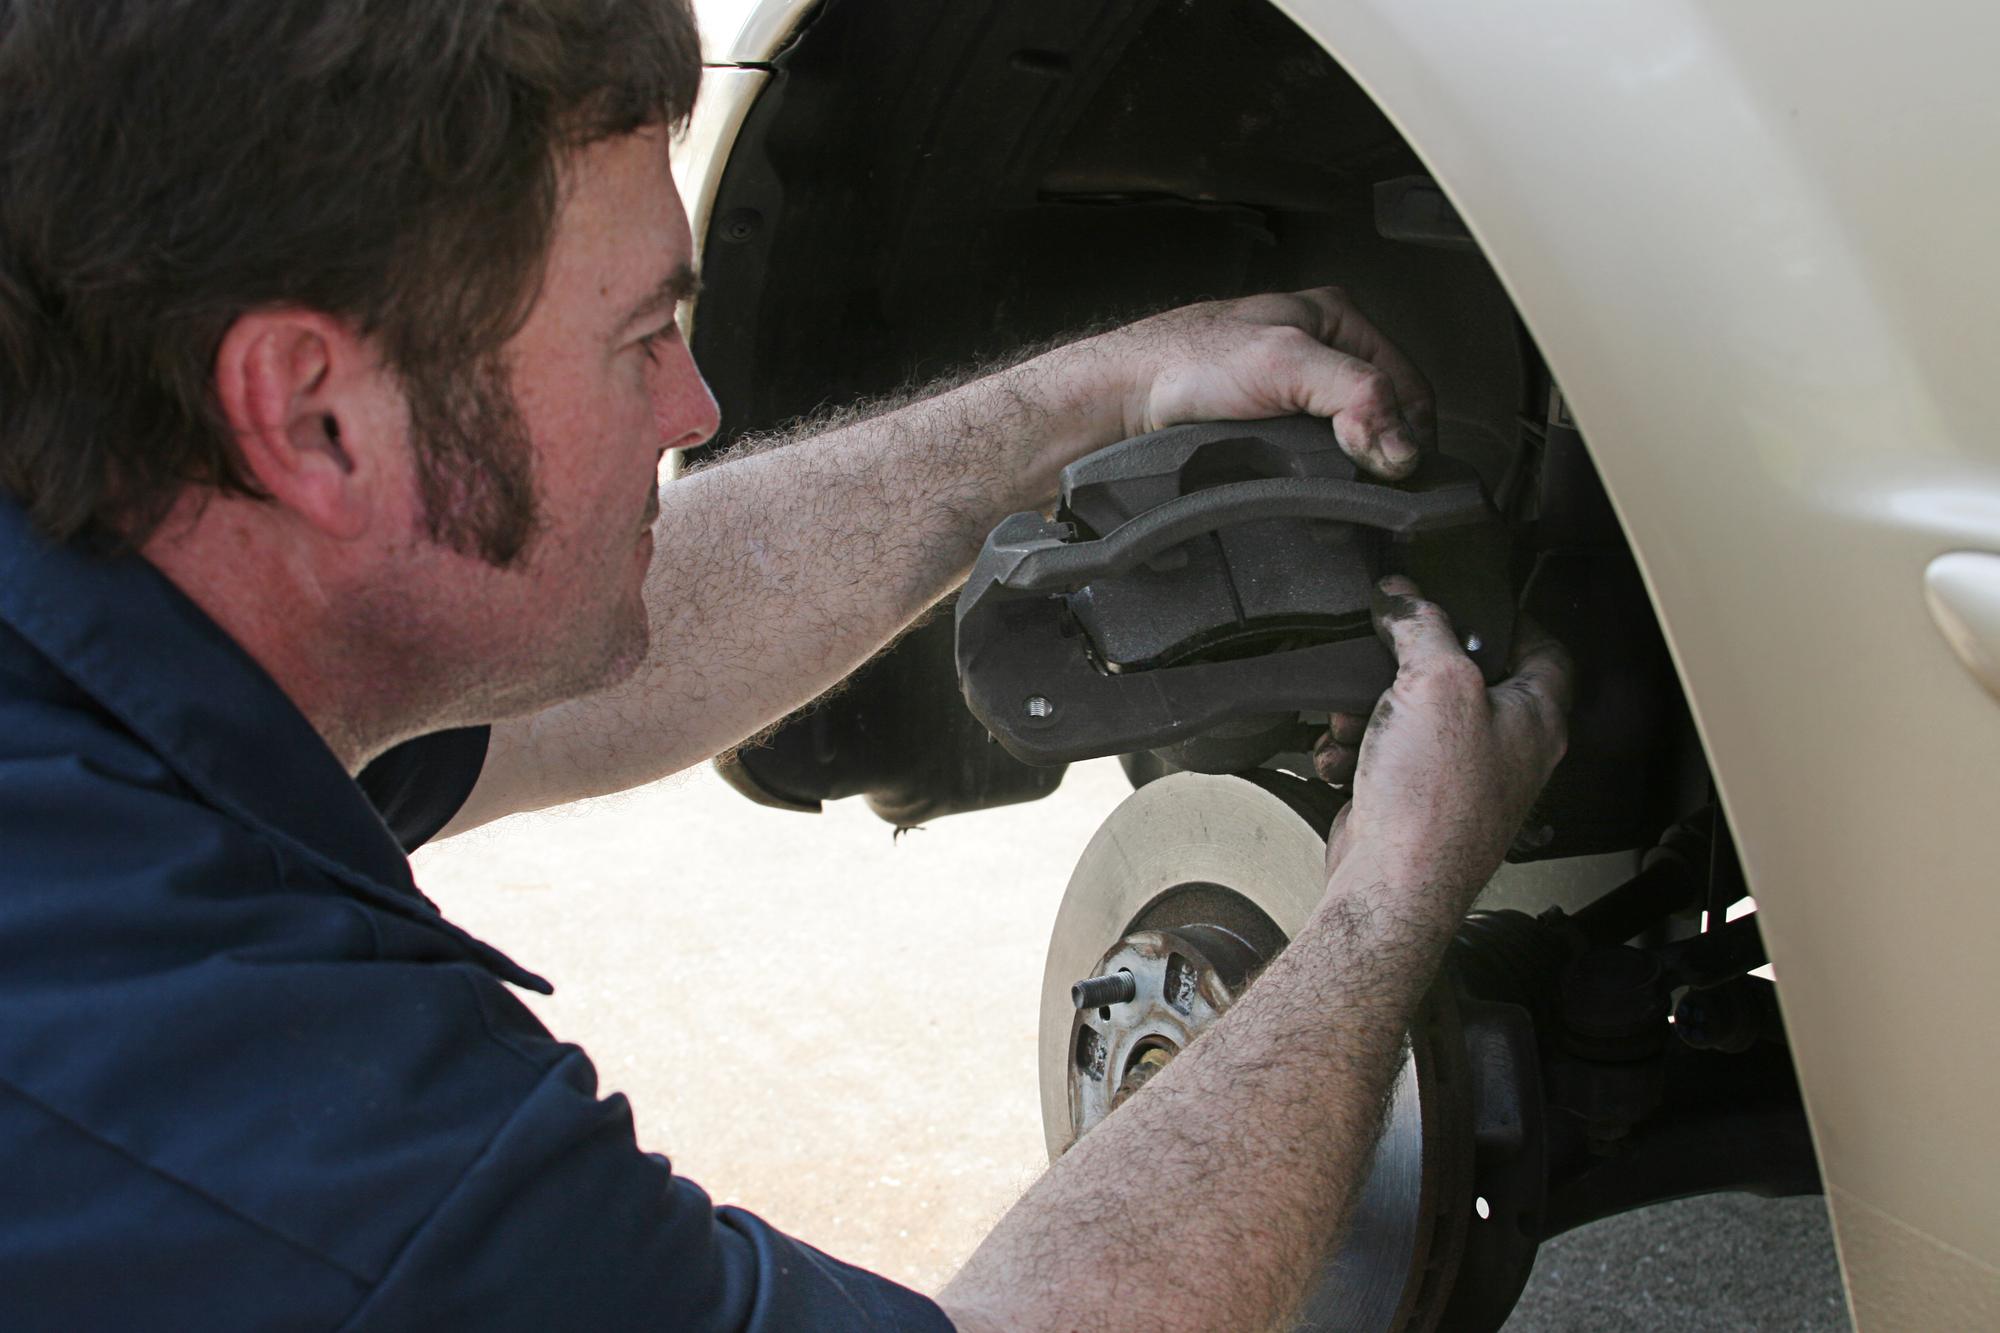 brake repair and replacement